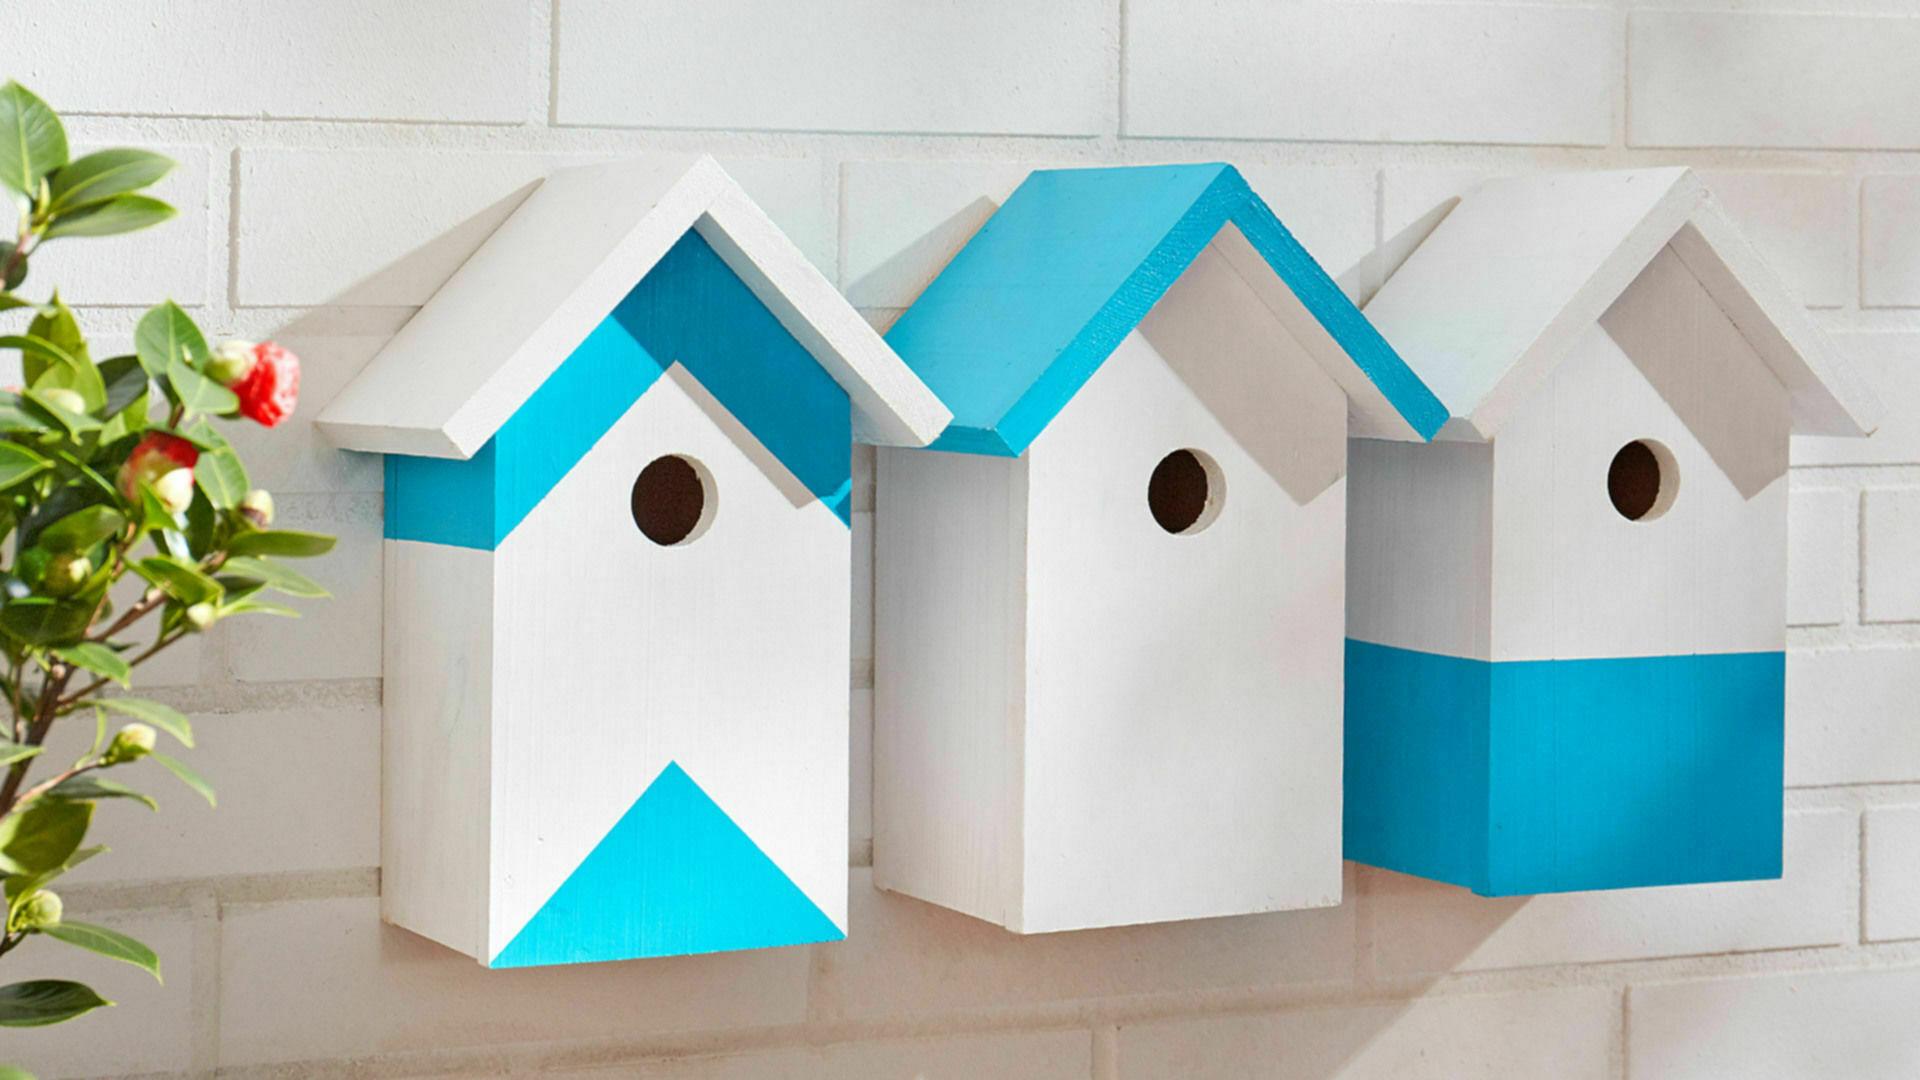 Kinderkamer Behang Vogelhuisjes : Houten vogelhuisjes voordemakers